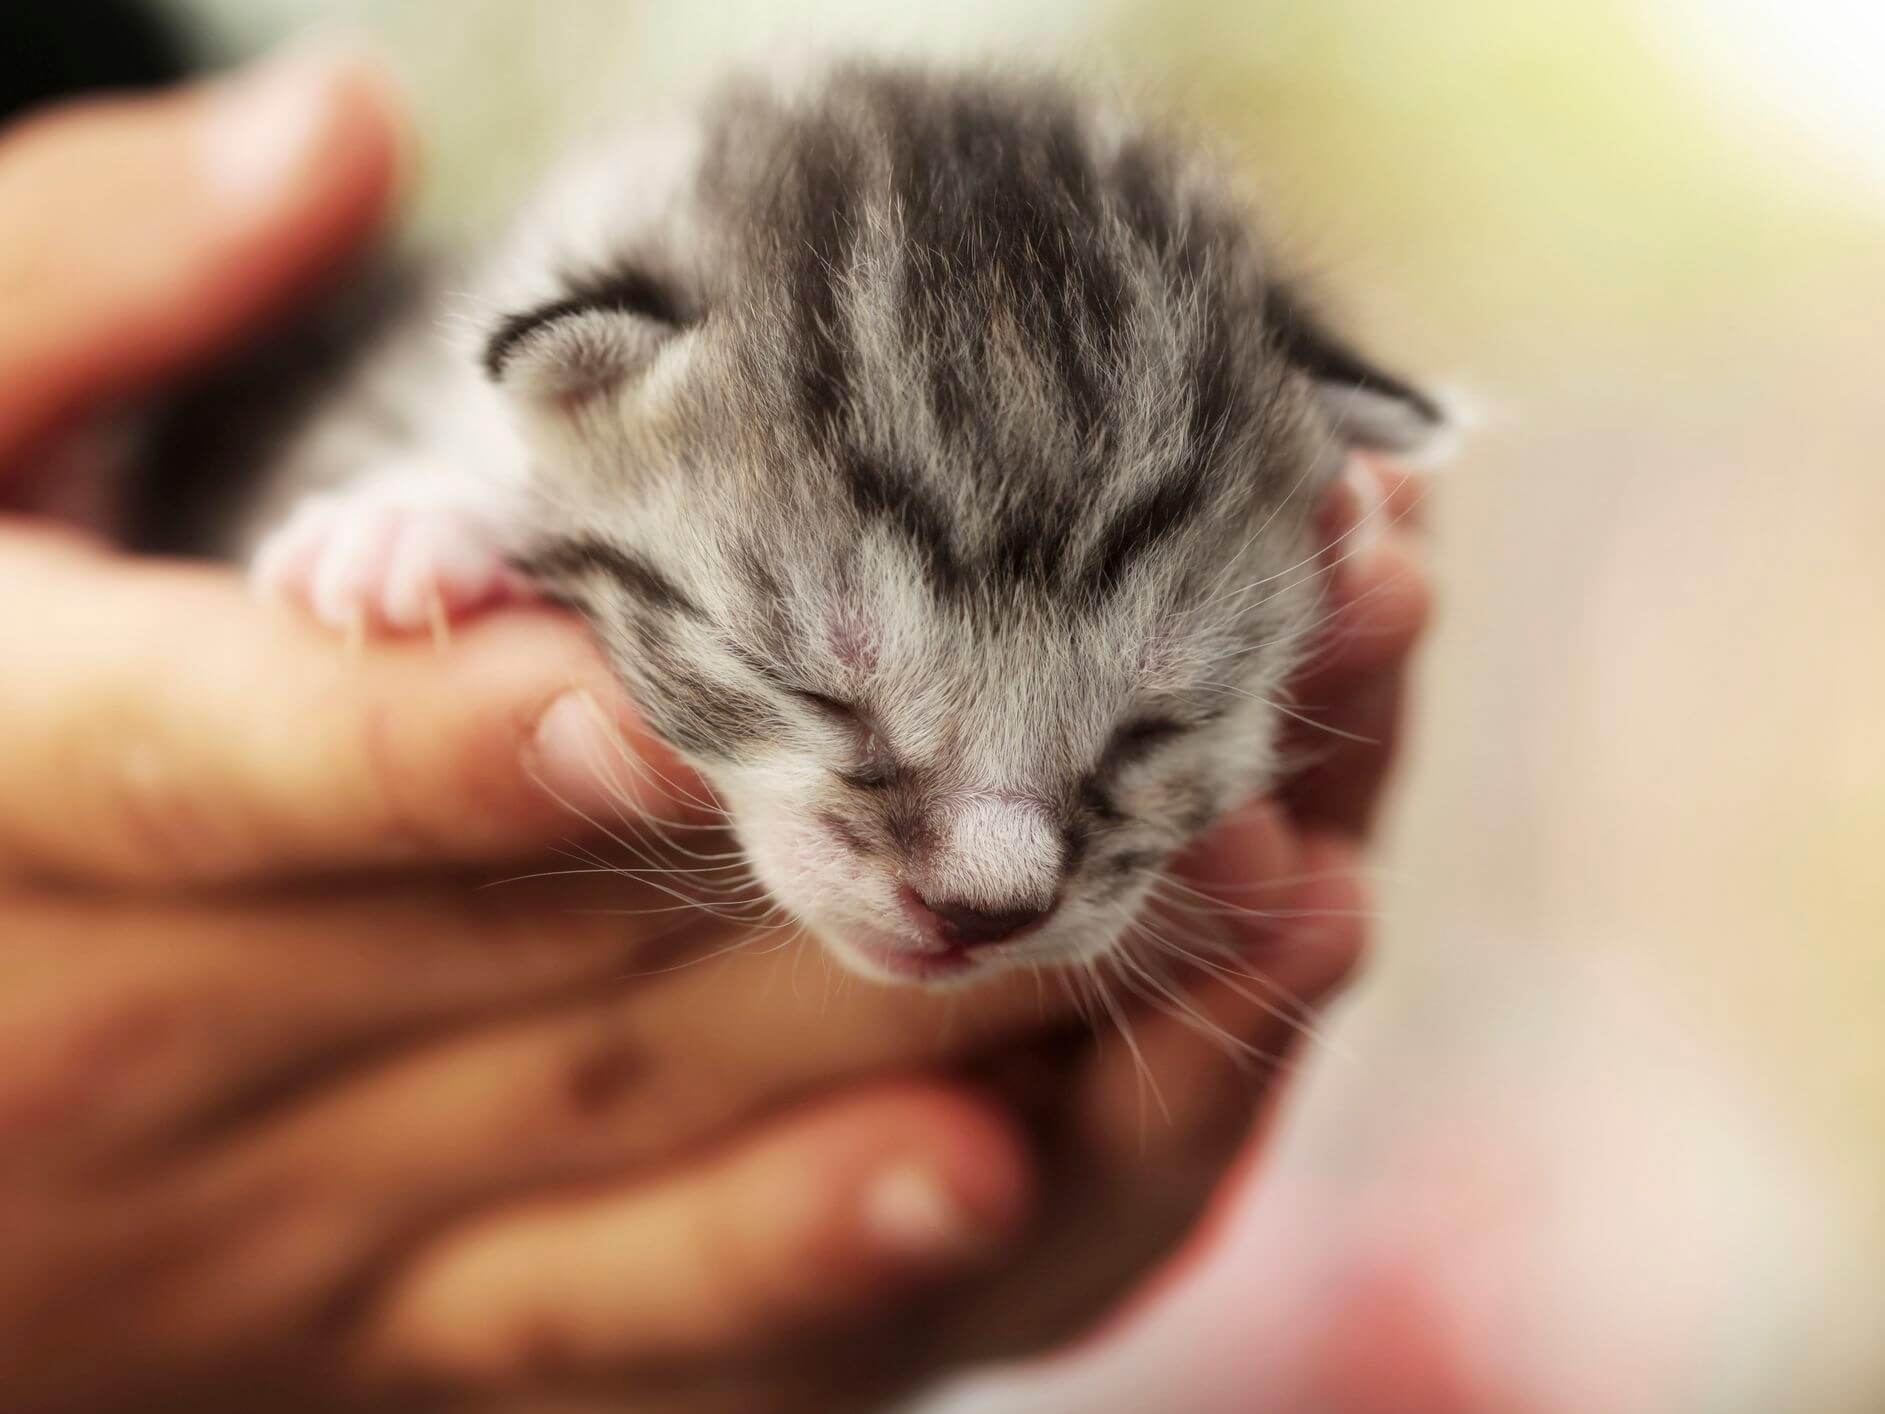 Cara Merawat Anak Kucing Baru Lahir Tanpa Induk: Beri Stimulasi Pada Anak Kucing Agar Bisa BAB